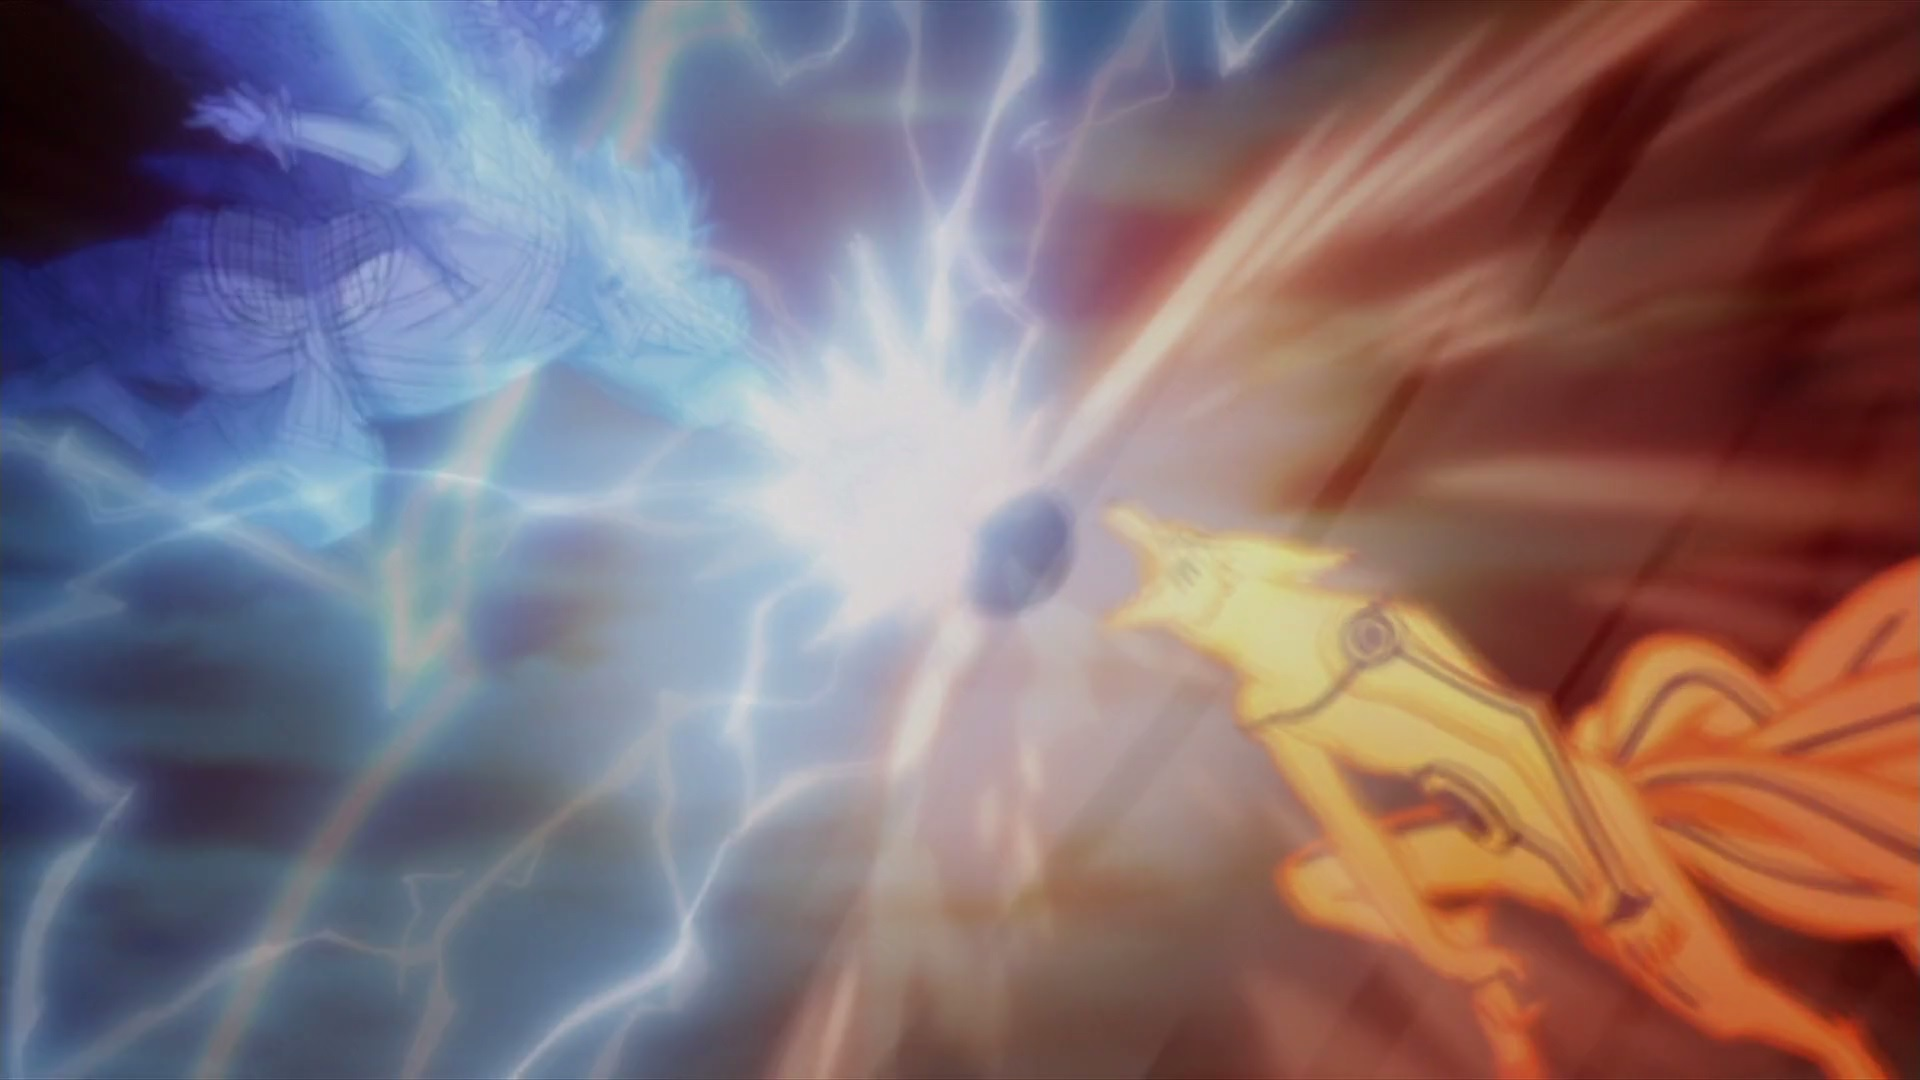 Sasuke Vs Naruto Susanoo Vs Kurama Daily Anime Art